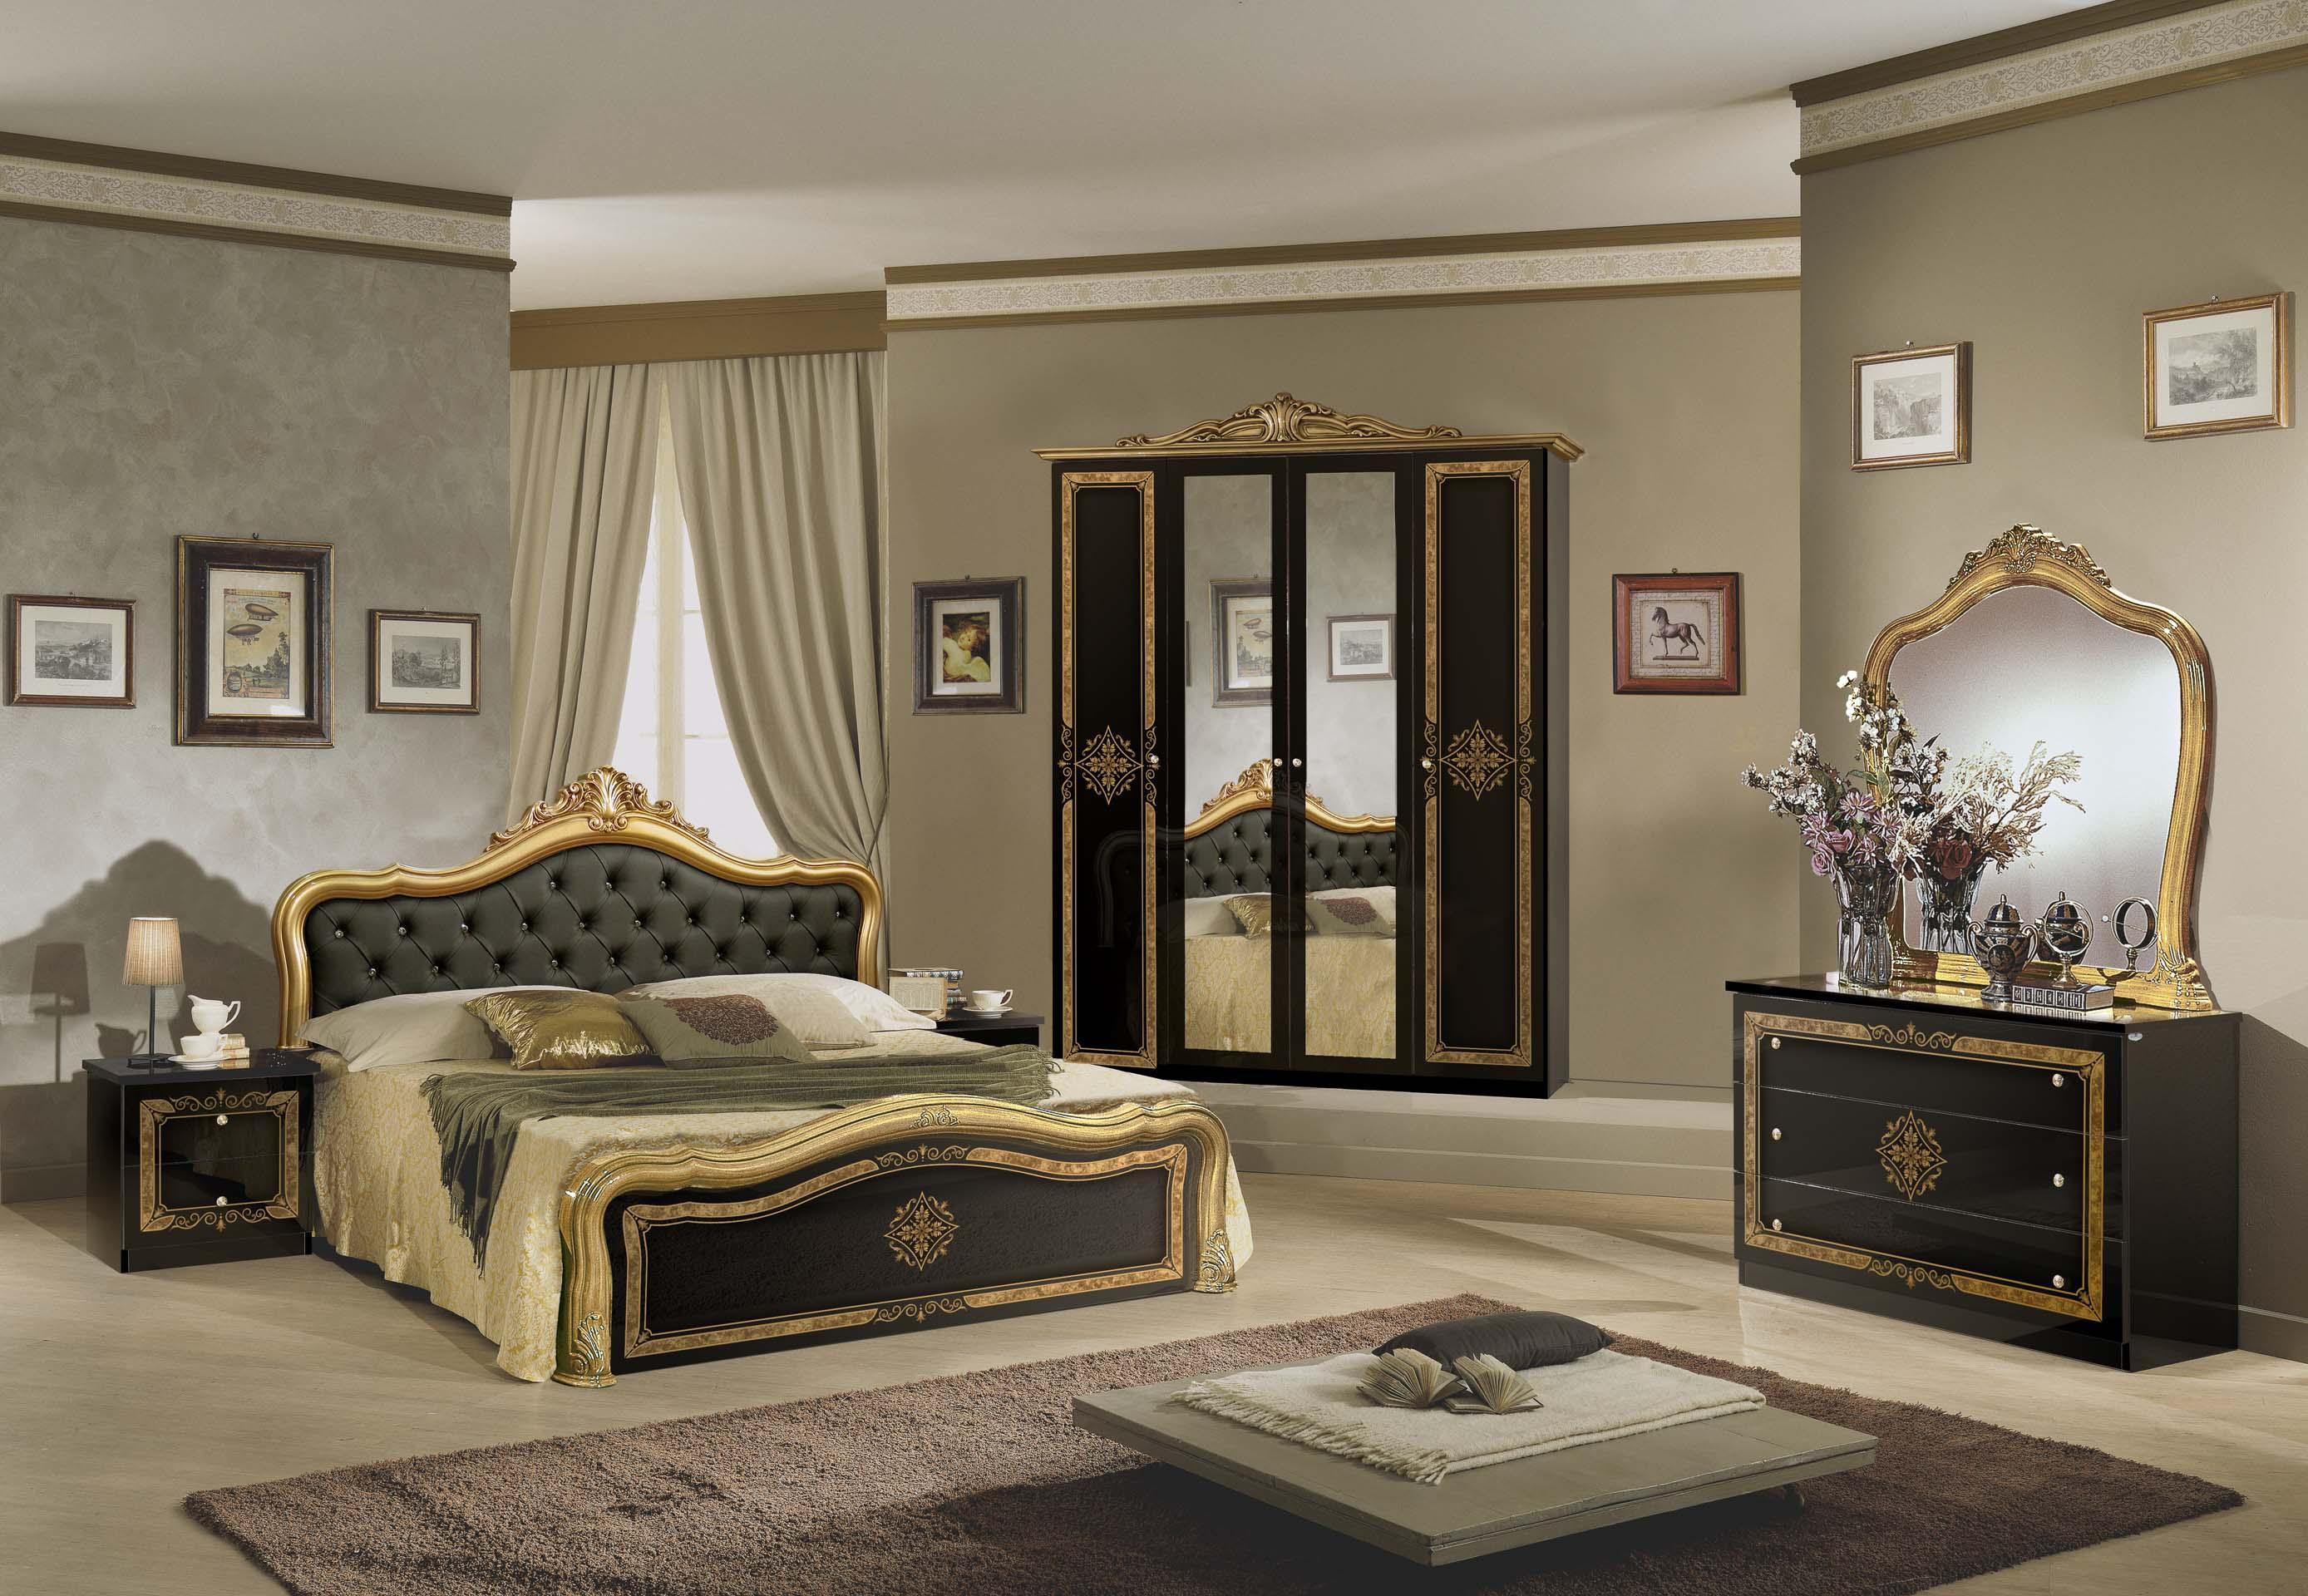 Wohnwand Fur Schlafzimmer Roller Bettwäsche Kleiderschranke Weiss